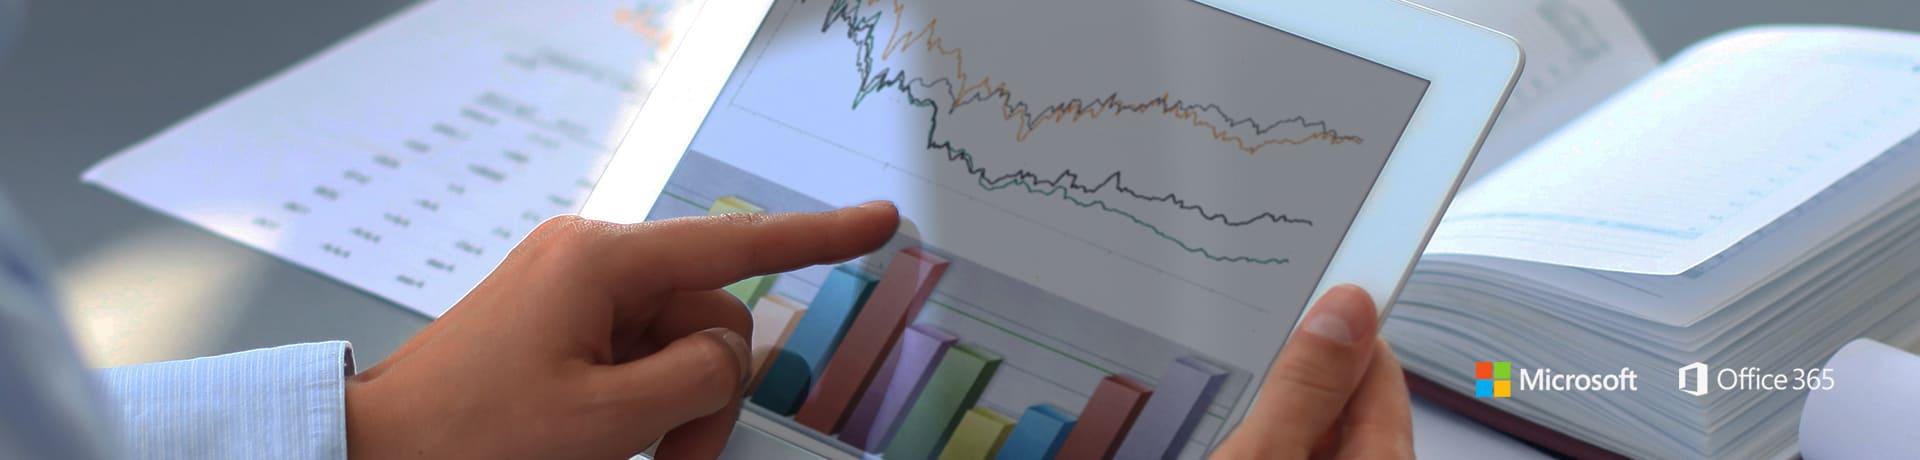 Оптимизация затрат на ИТ услуги